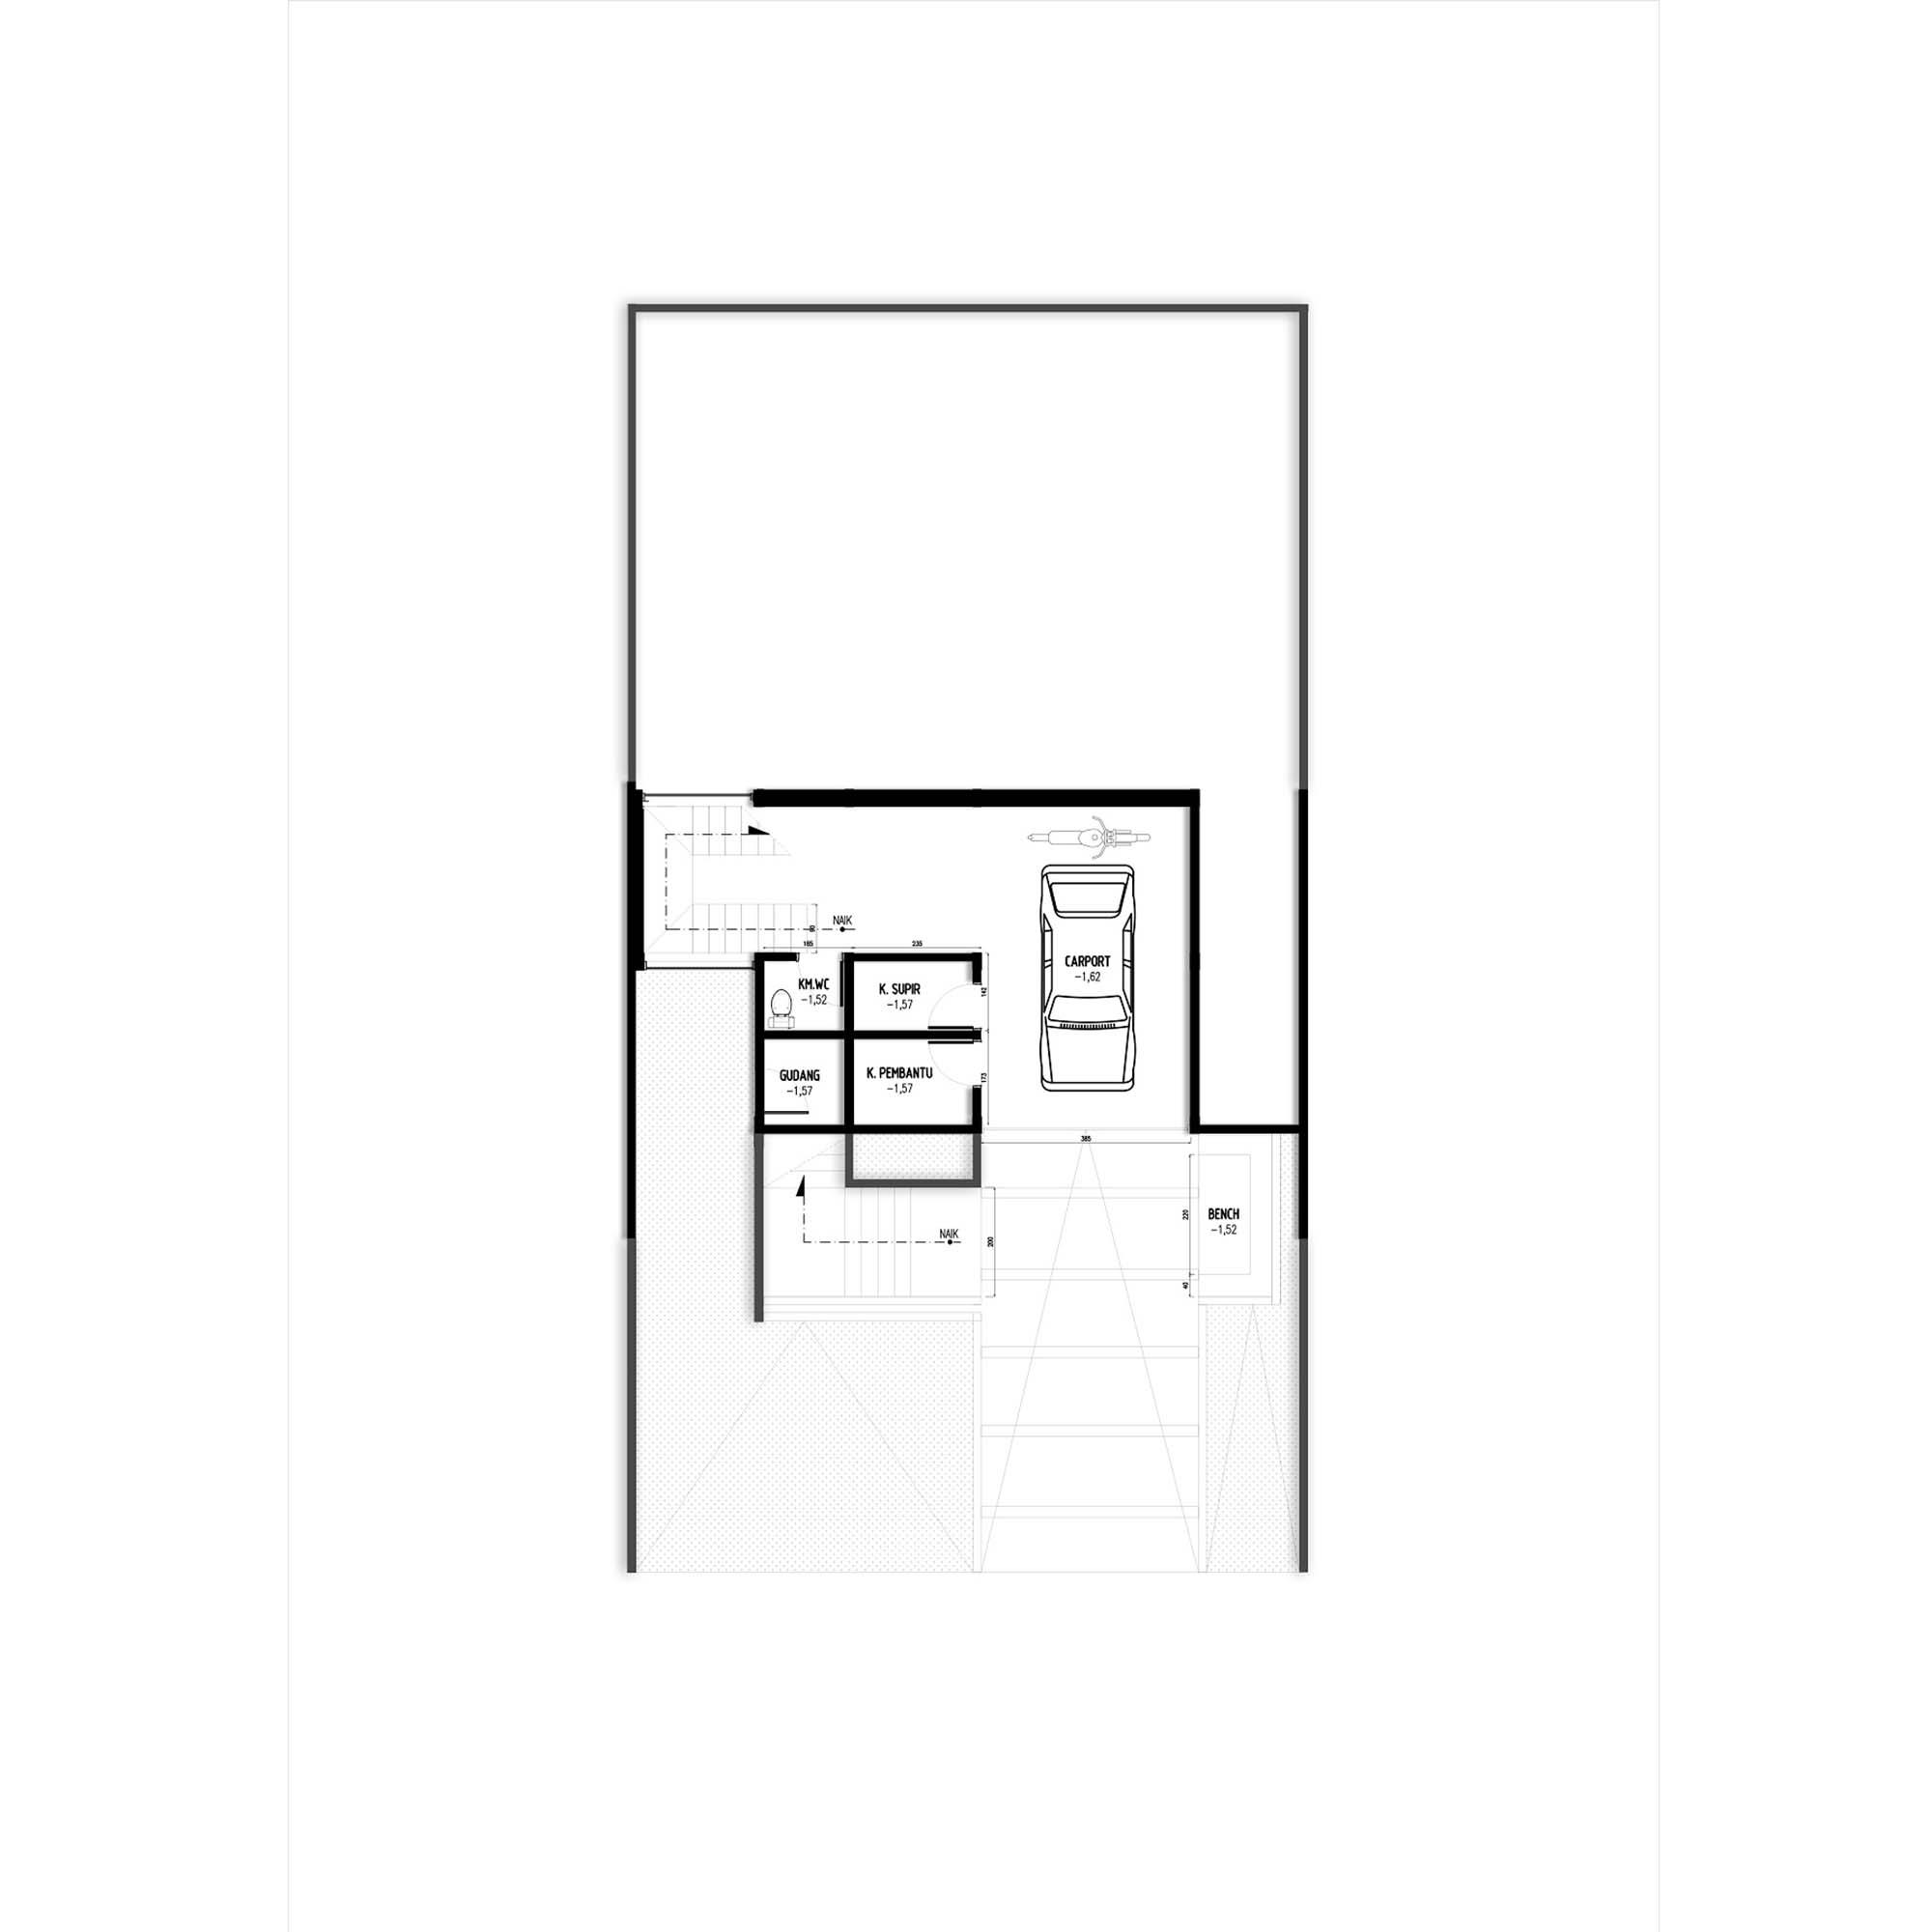 SL HOUSE (2)